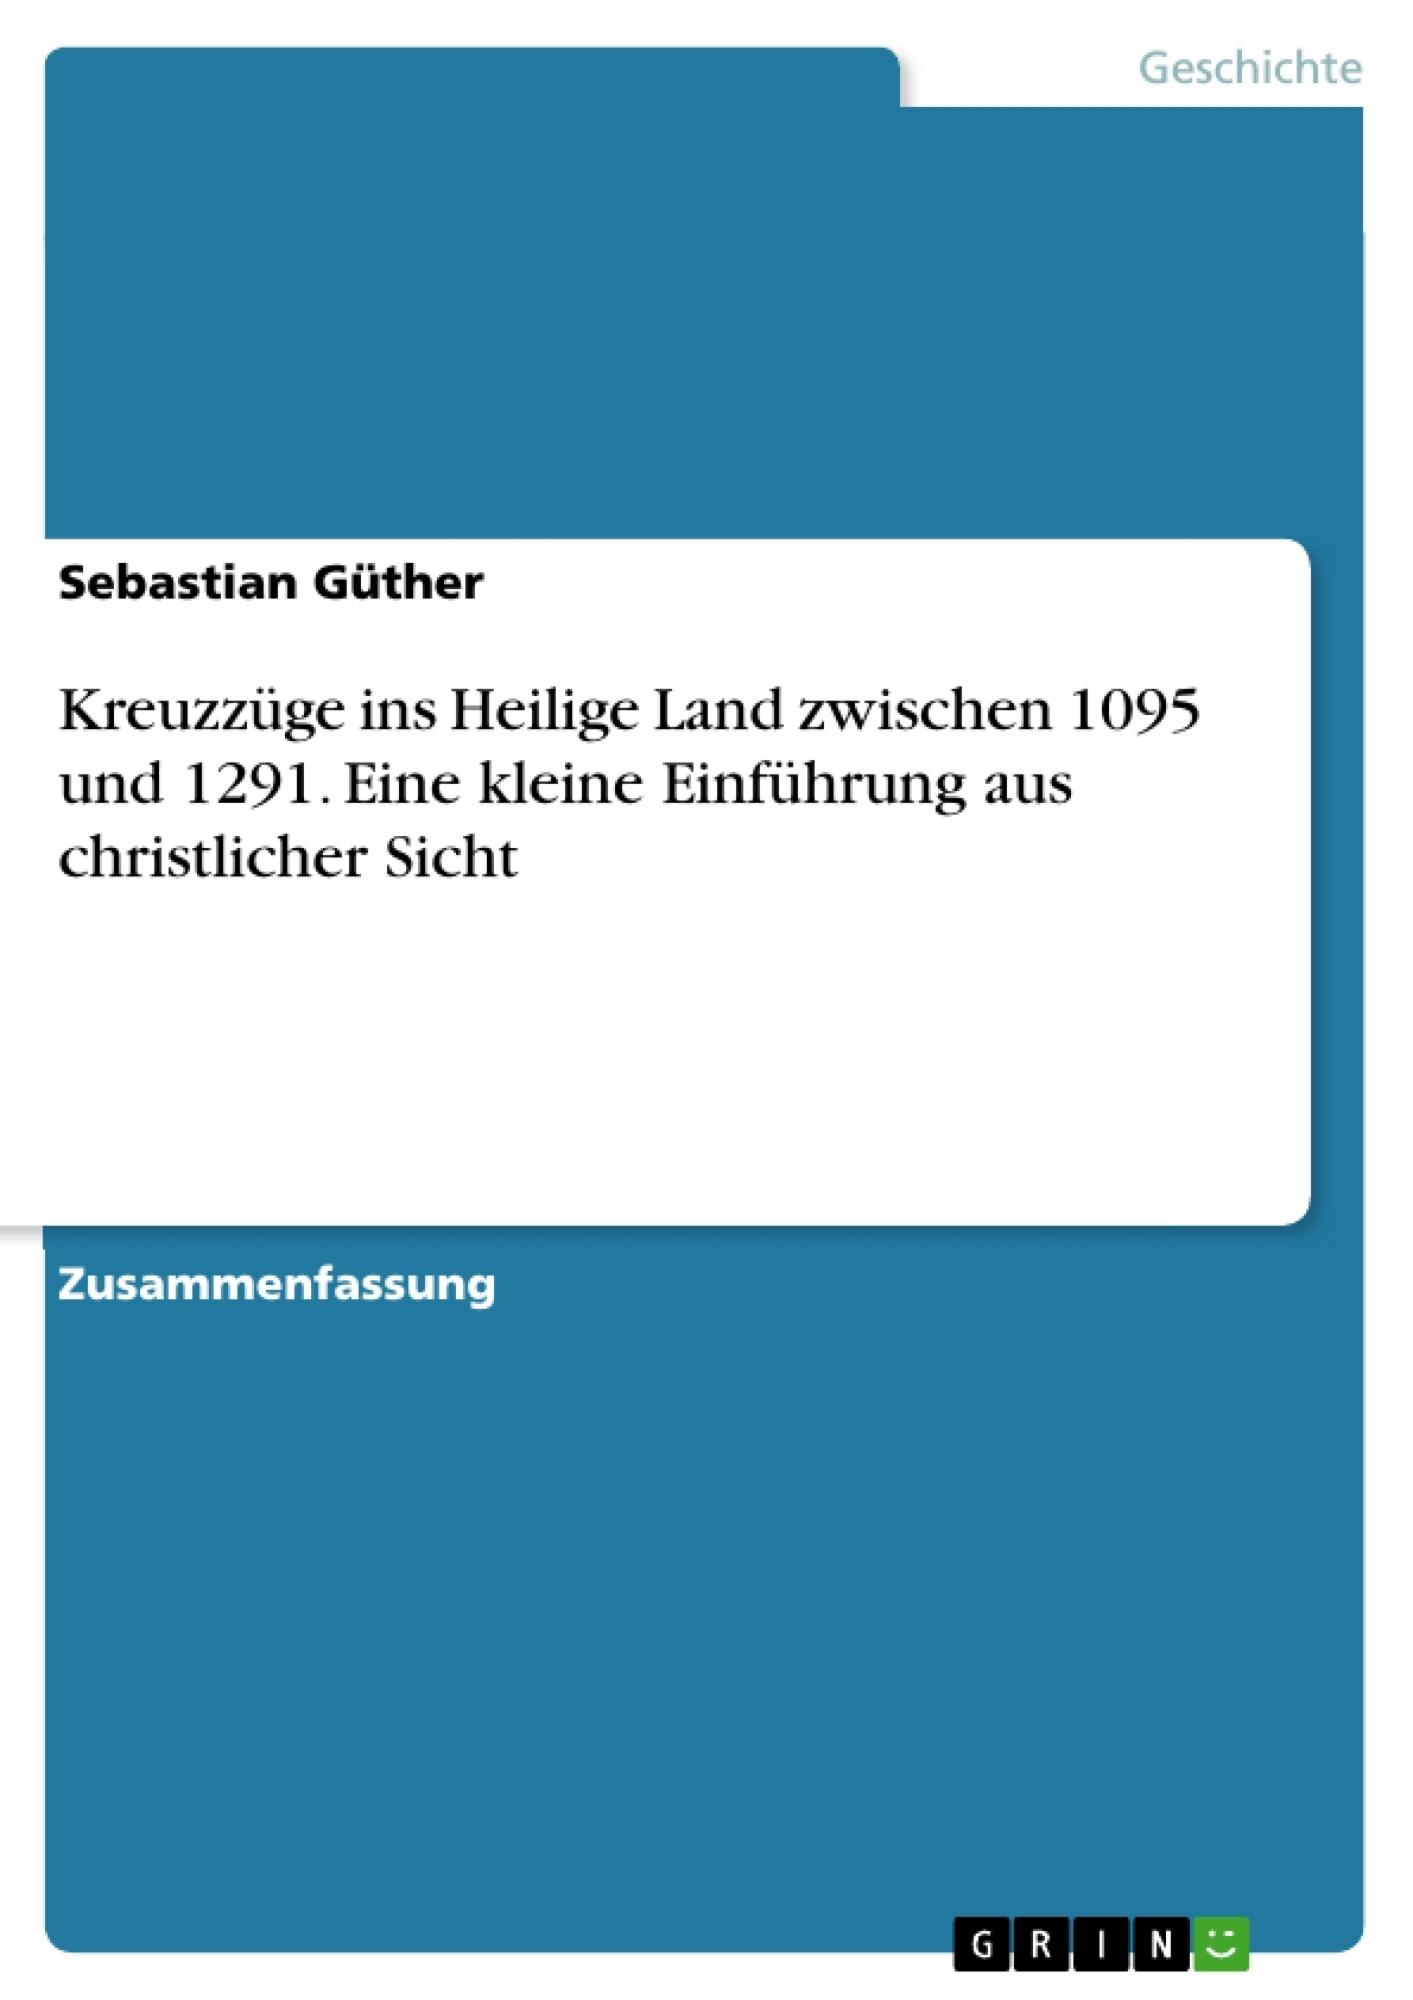 Titel: Kreuzzüge ins Heilige Land zwischen 1095 und 1291. Eine kleine Einführung aus christlicher Sicht